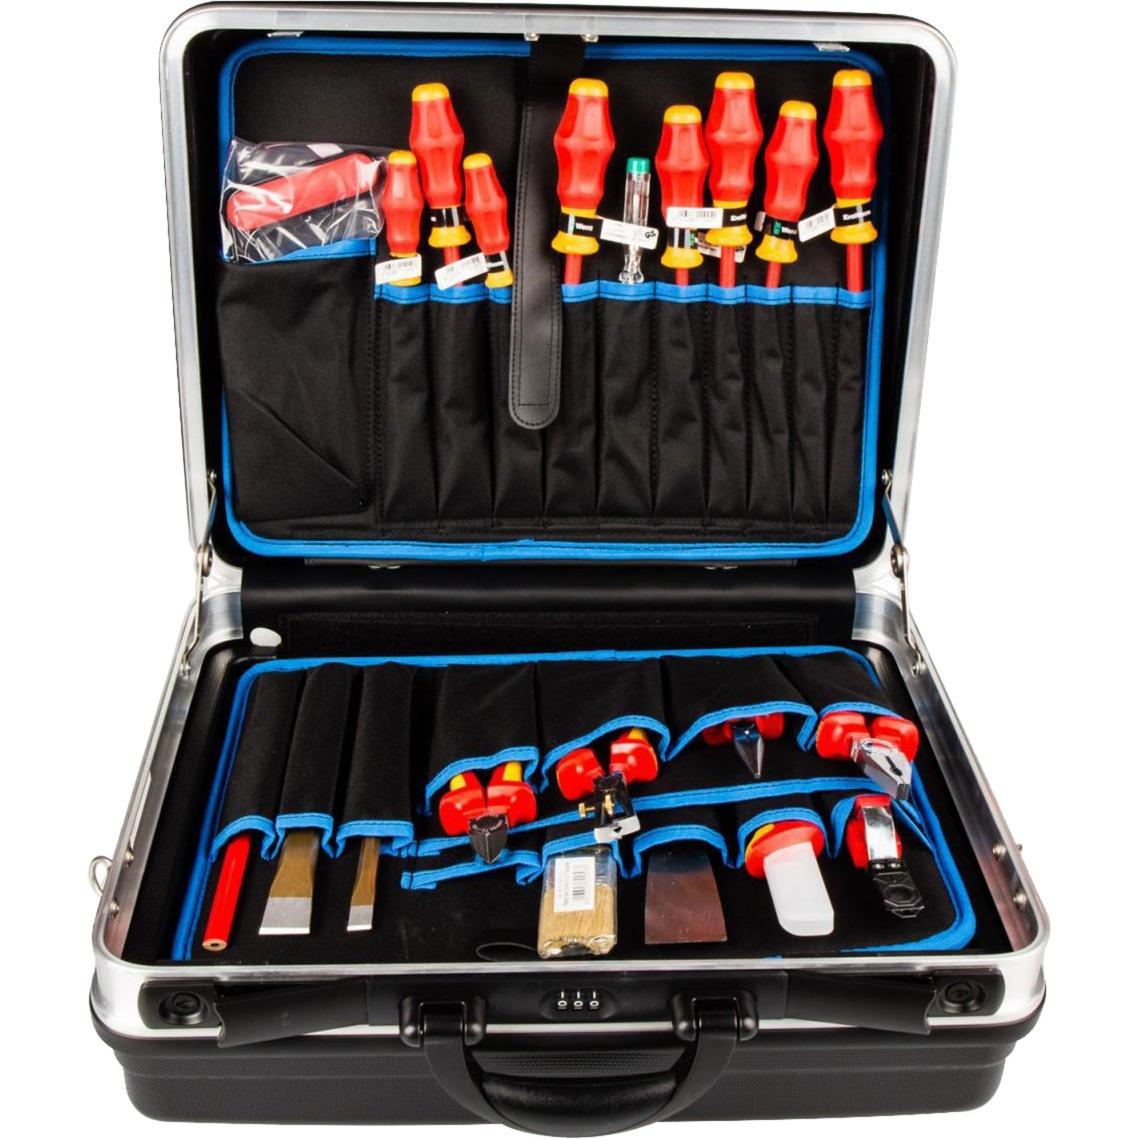 00 21 05 LE Negro Acrilonitrilo butadieno estireno (ABS) bolsa y funda de herramientas, Kit de herramientas